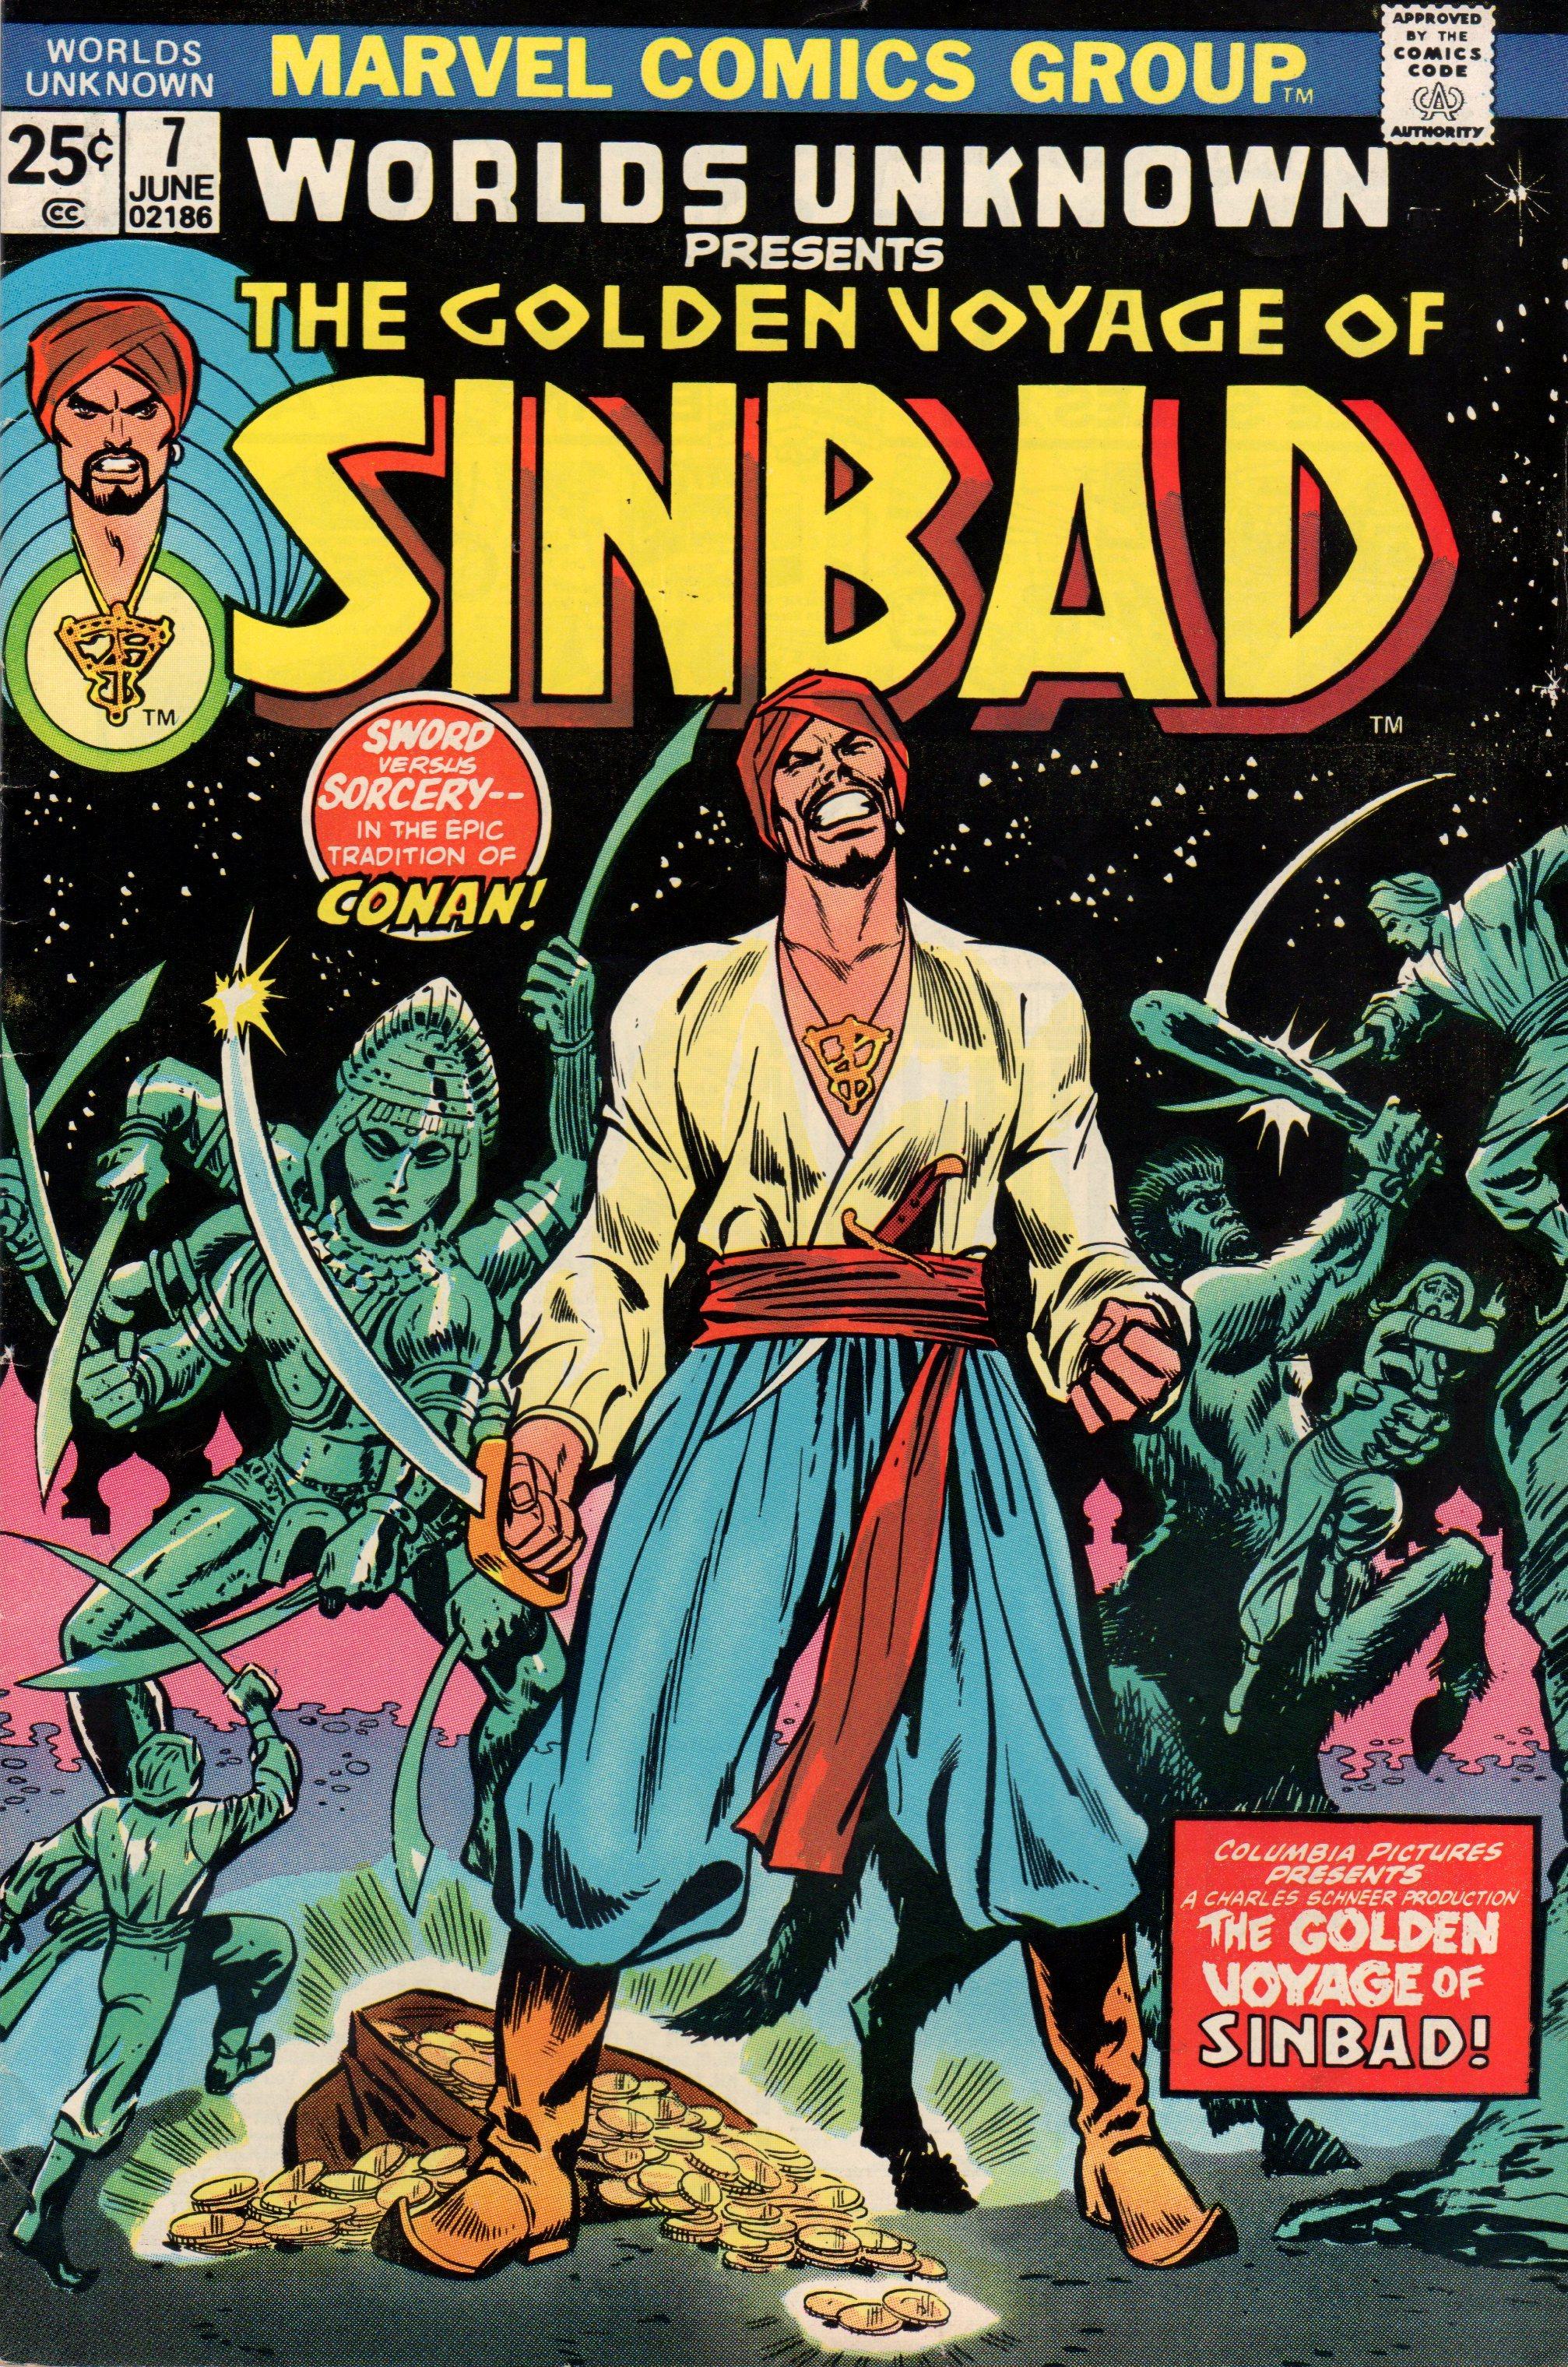 Sinbad golden voyage